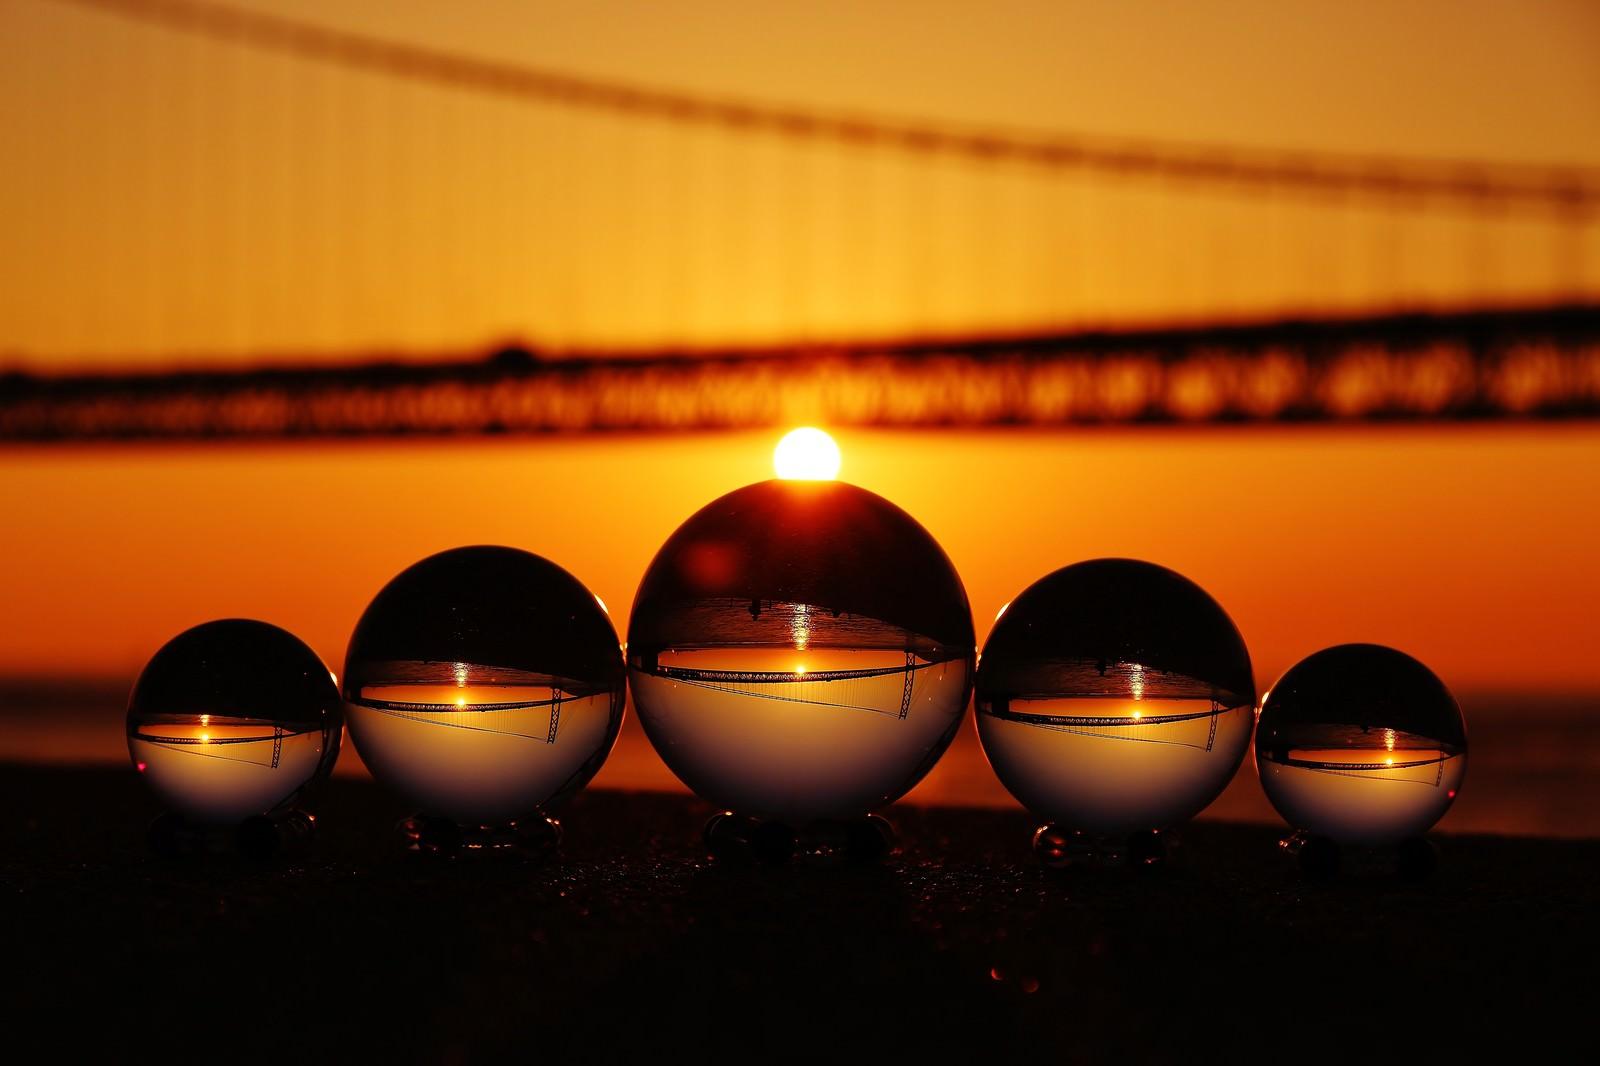 「日の出が橋にかかる様子と水晶球」の写真